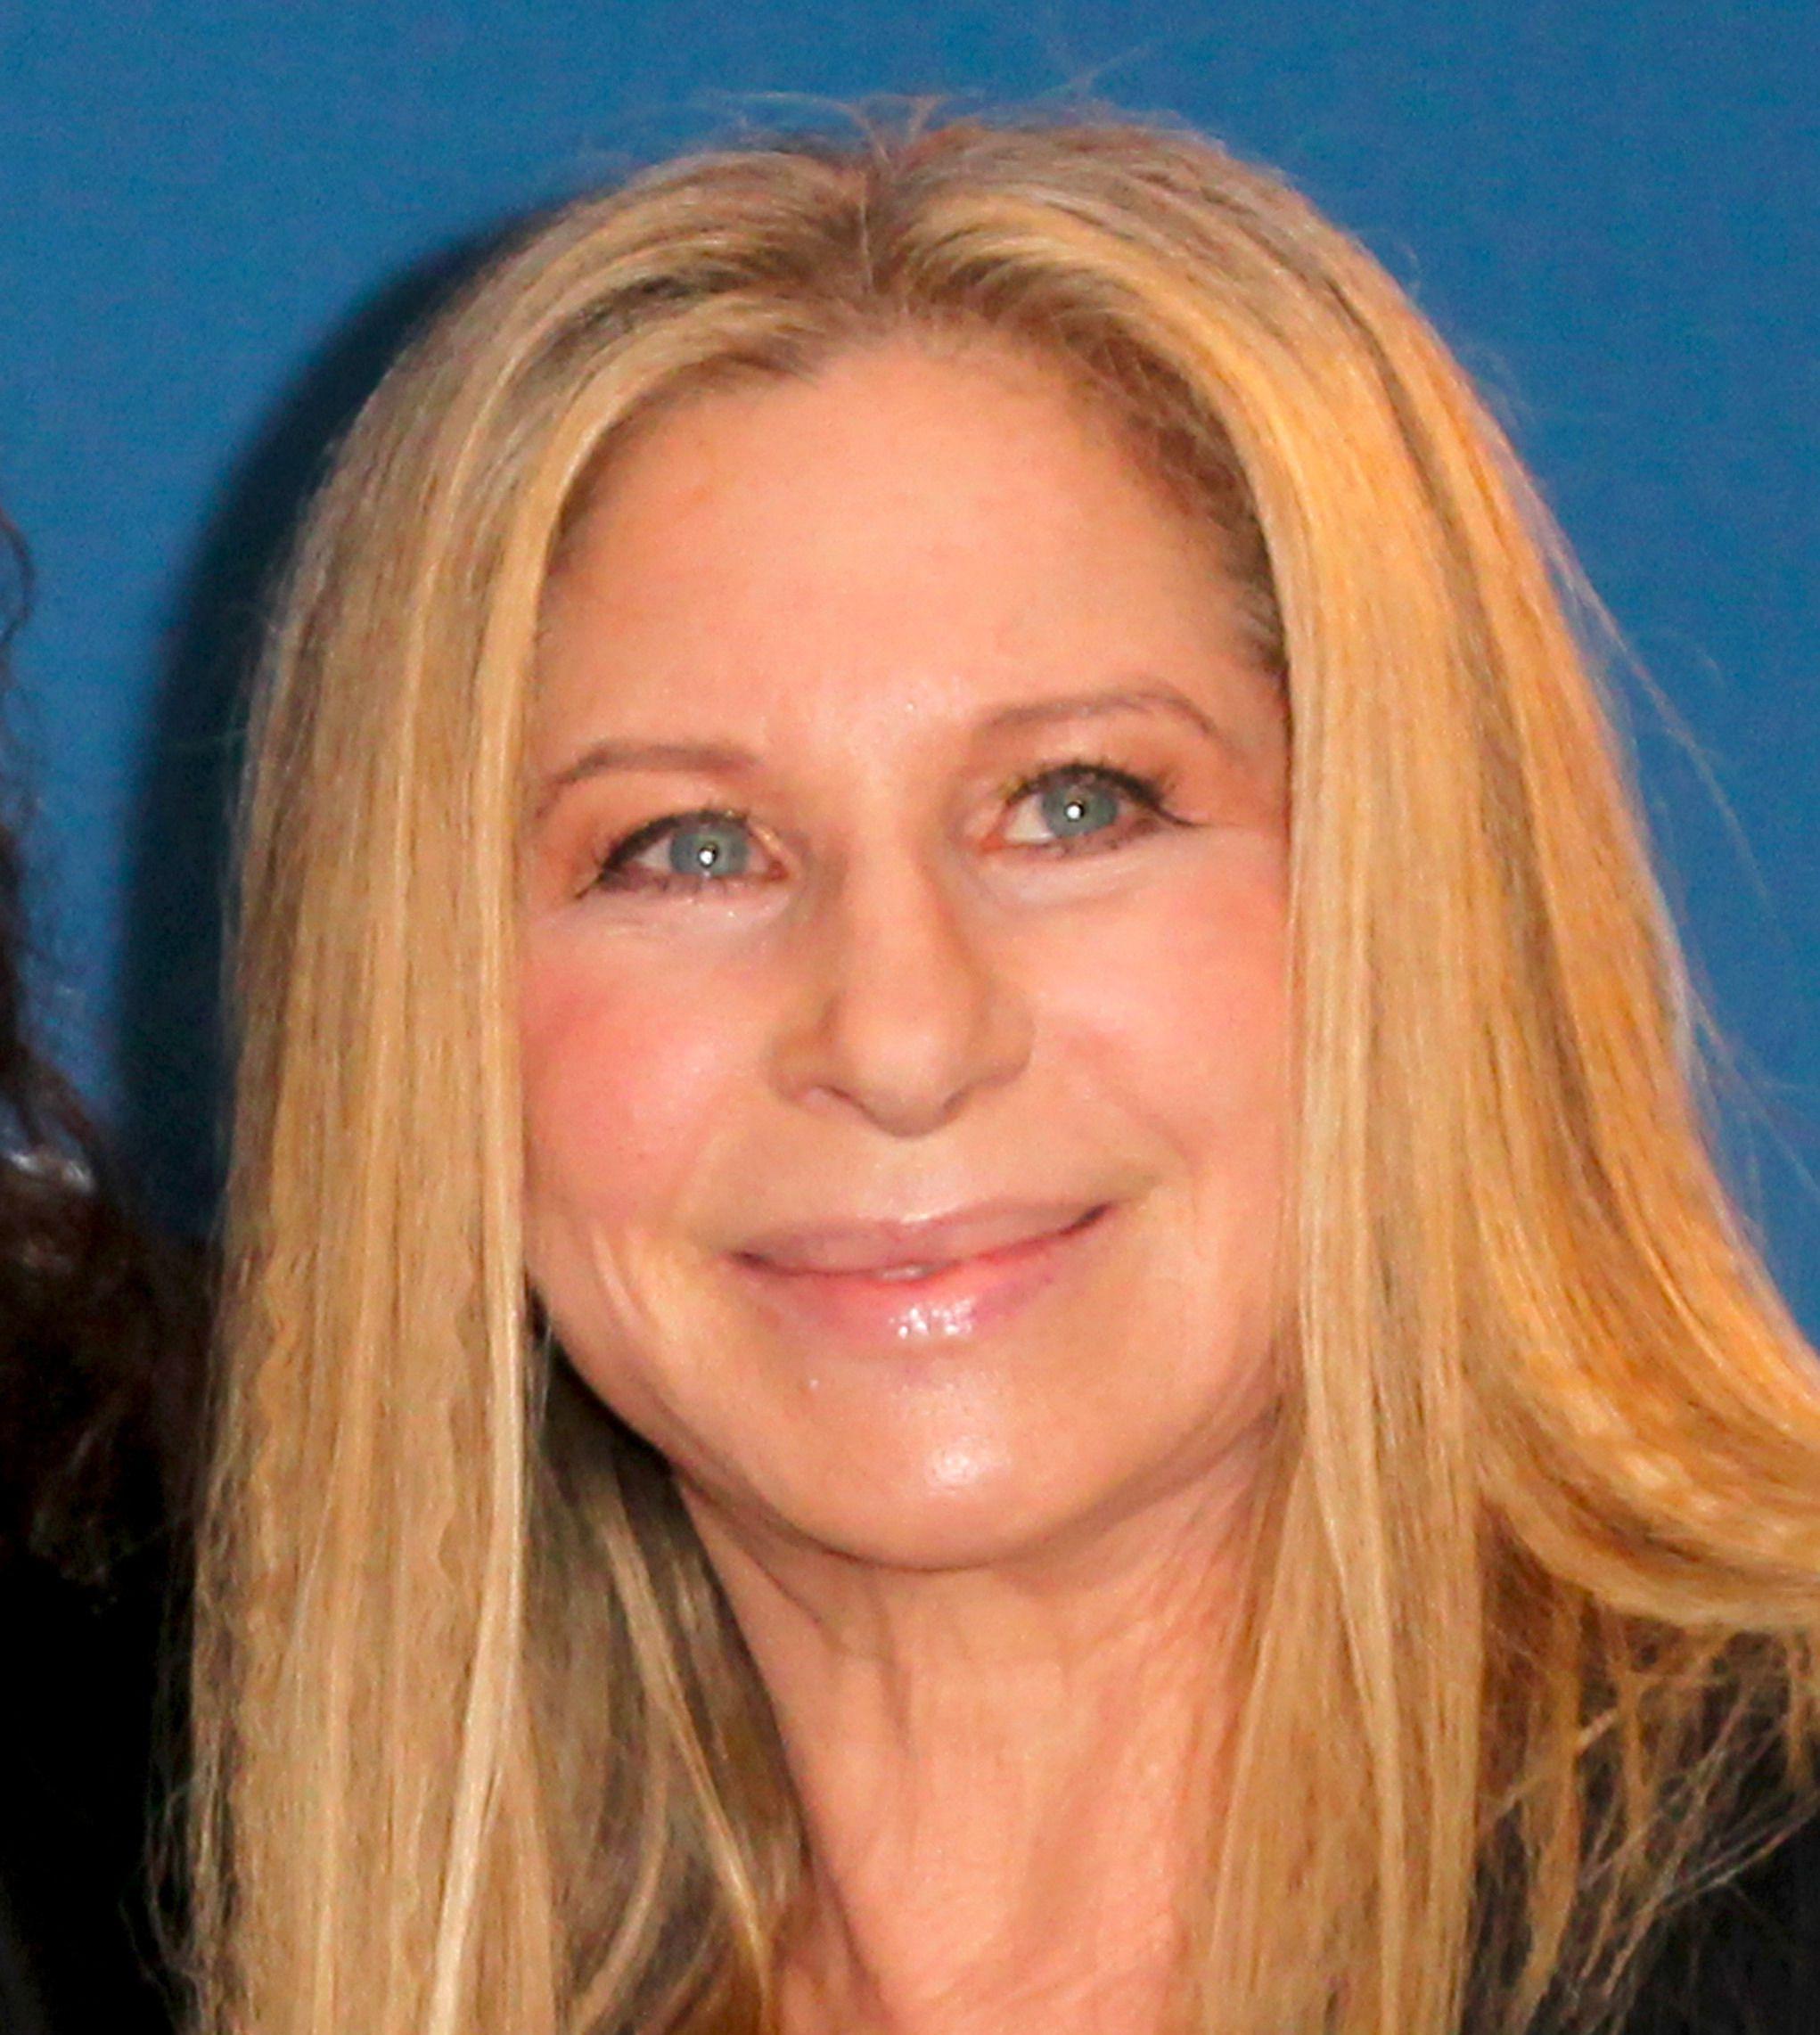 Barbra Streisand Barbra Streisand new pics